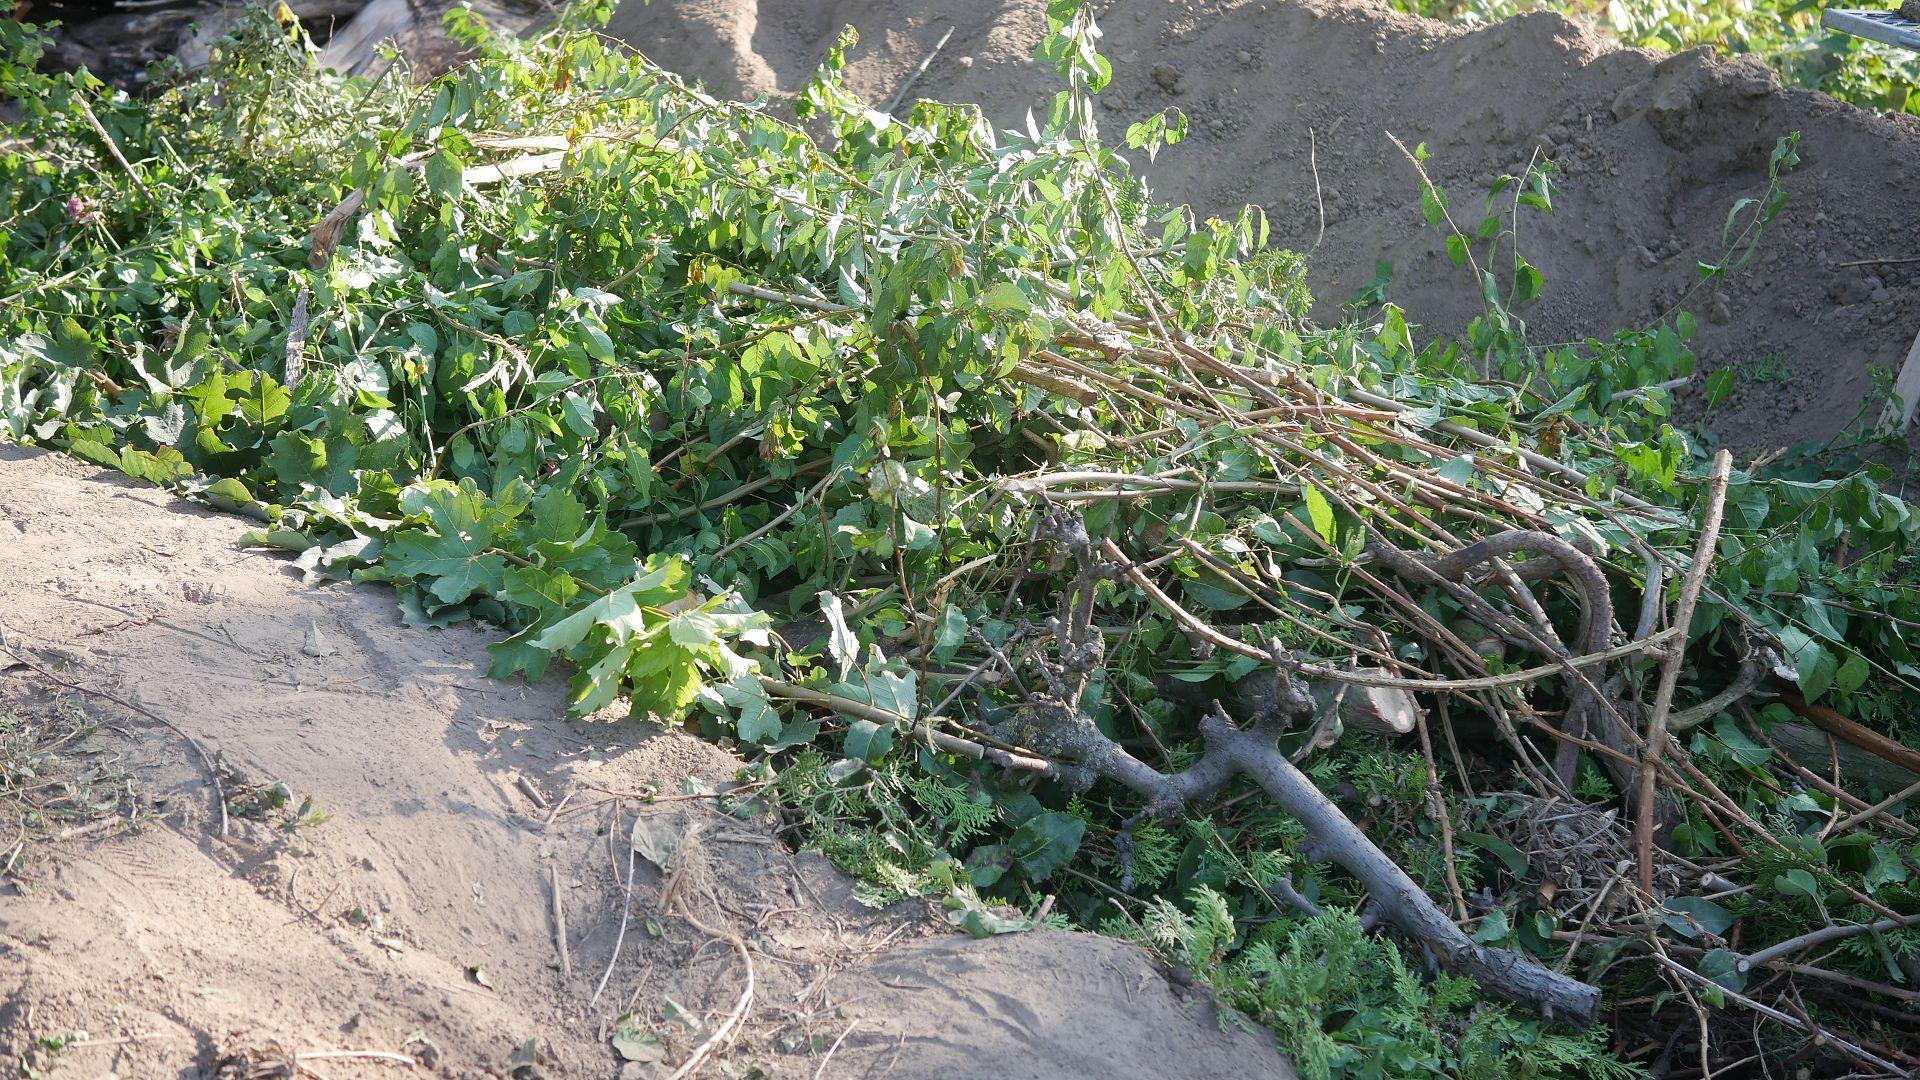 Grünschnitt Baumschnitt GartenmaterialHügelbeet Erfahrungen Hügelbeet Aufbau Hügelbeet anlegen Hügelbeet im Garten Gartenabfall wieder verwenden Hügelbeet Vorteile Hügelbeet Permakultur